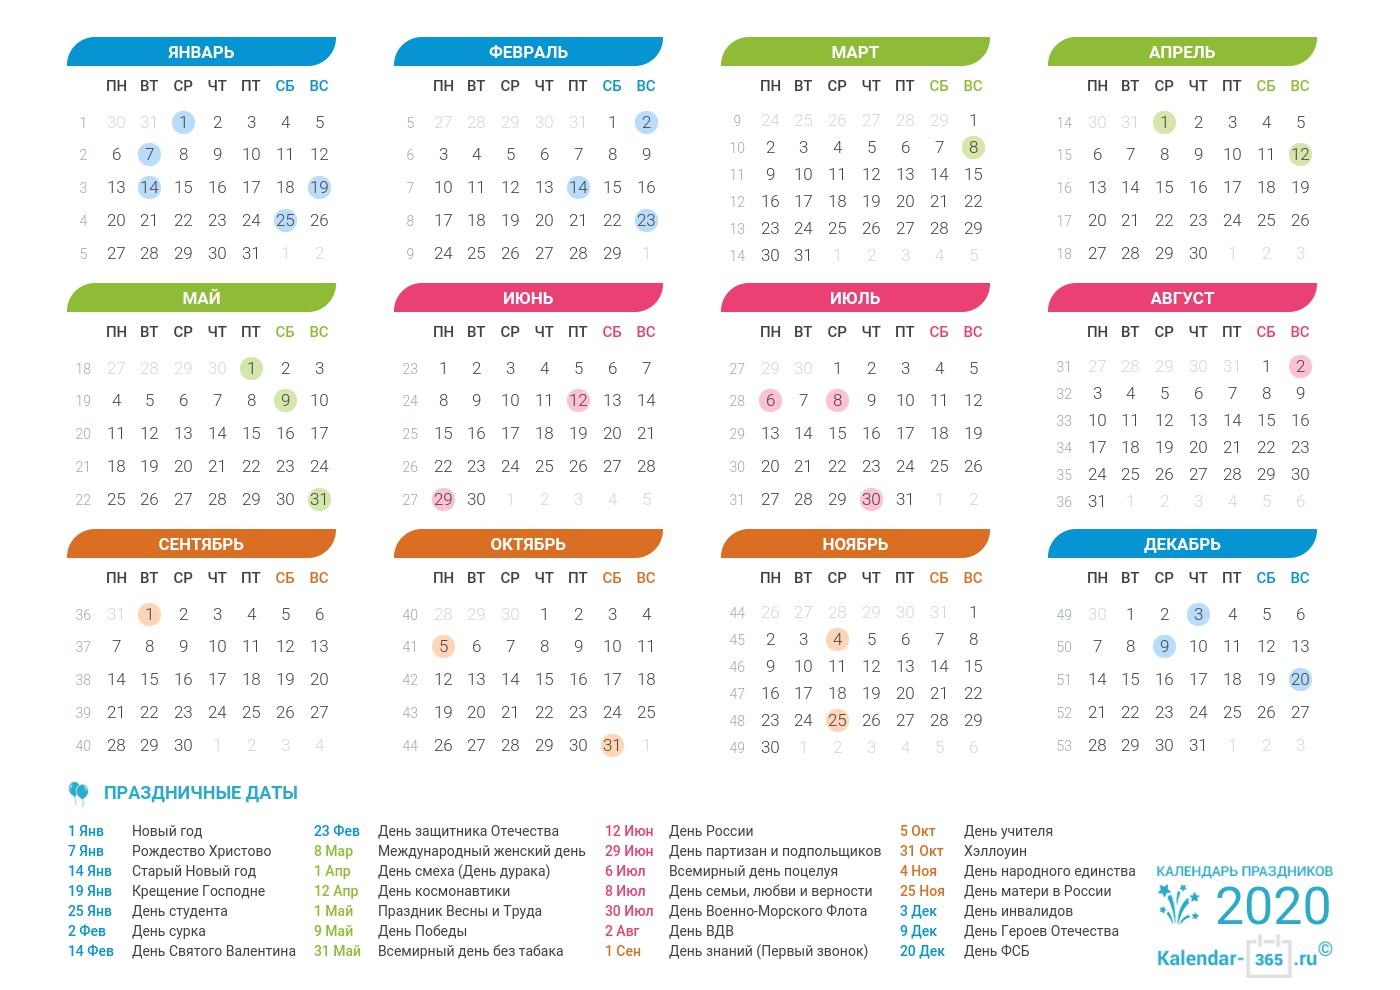 Календарь 2020 С Праздниками И Выходными Днями within Kalendar Kuda 2020 Pdf